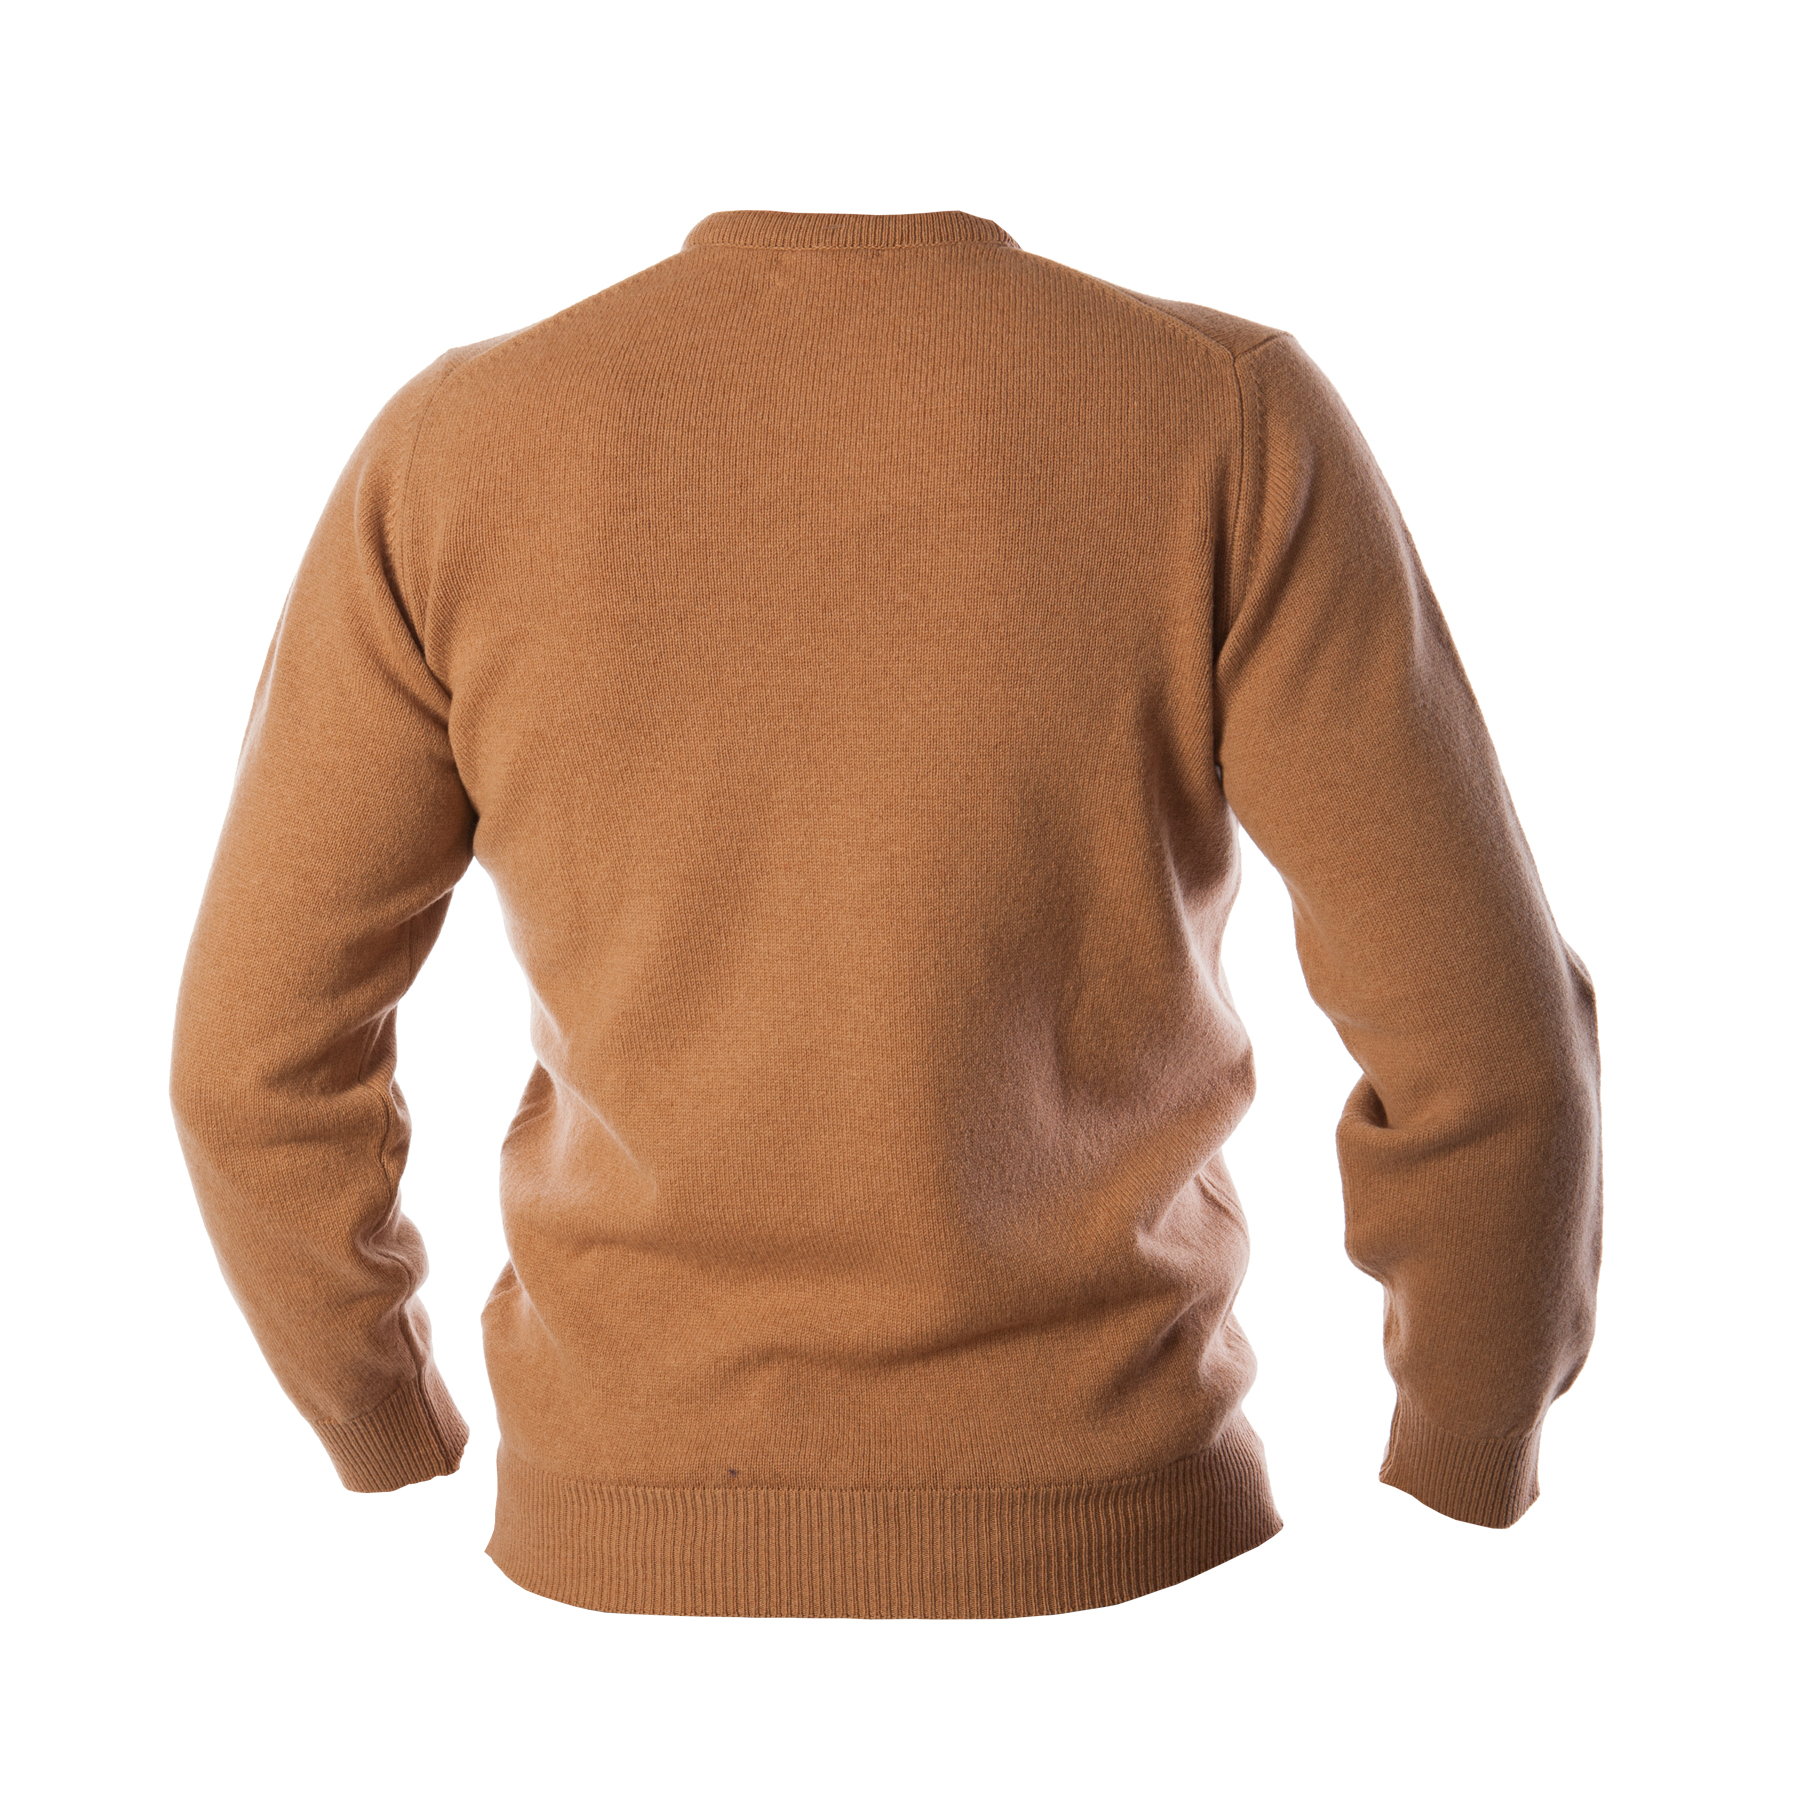 Как сделать свитер мягким что сделать чтобы шерстяные вещи не 2